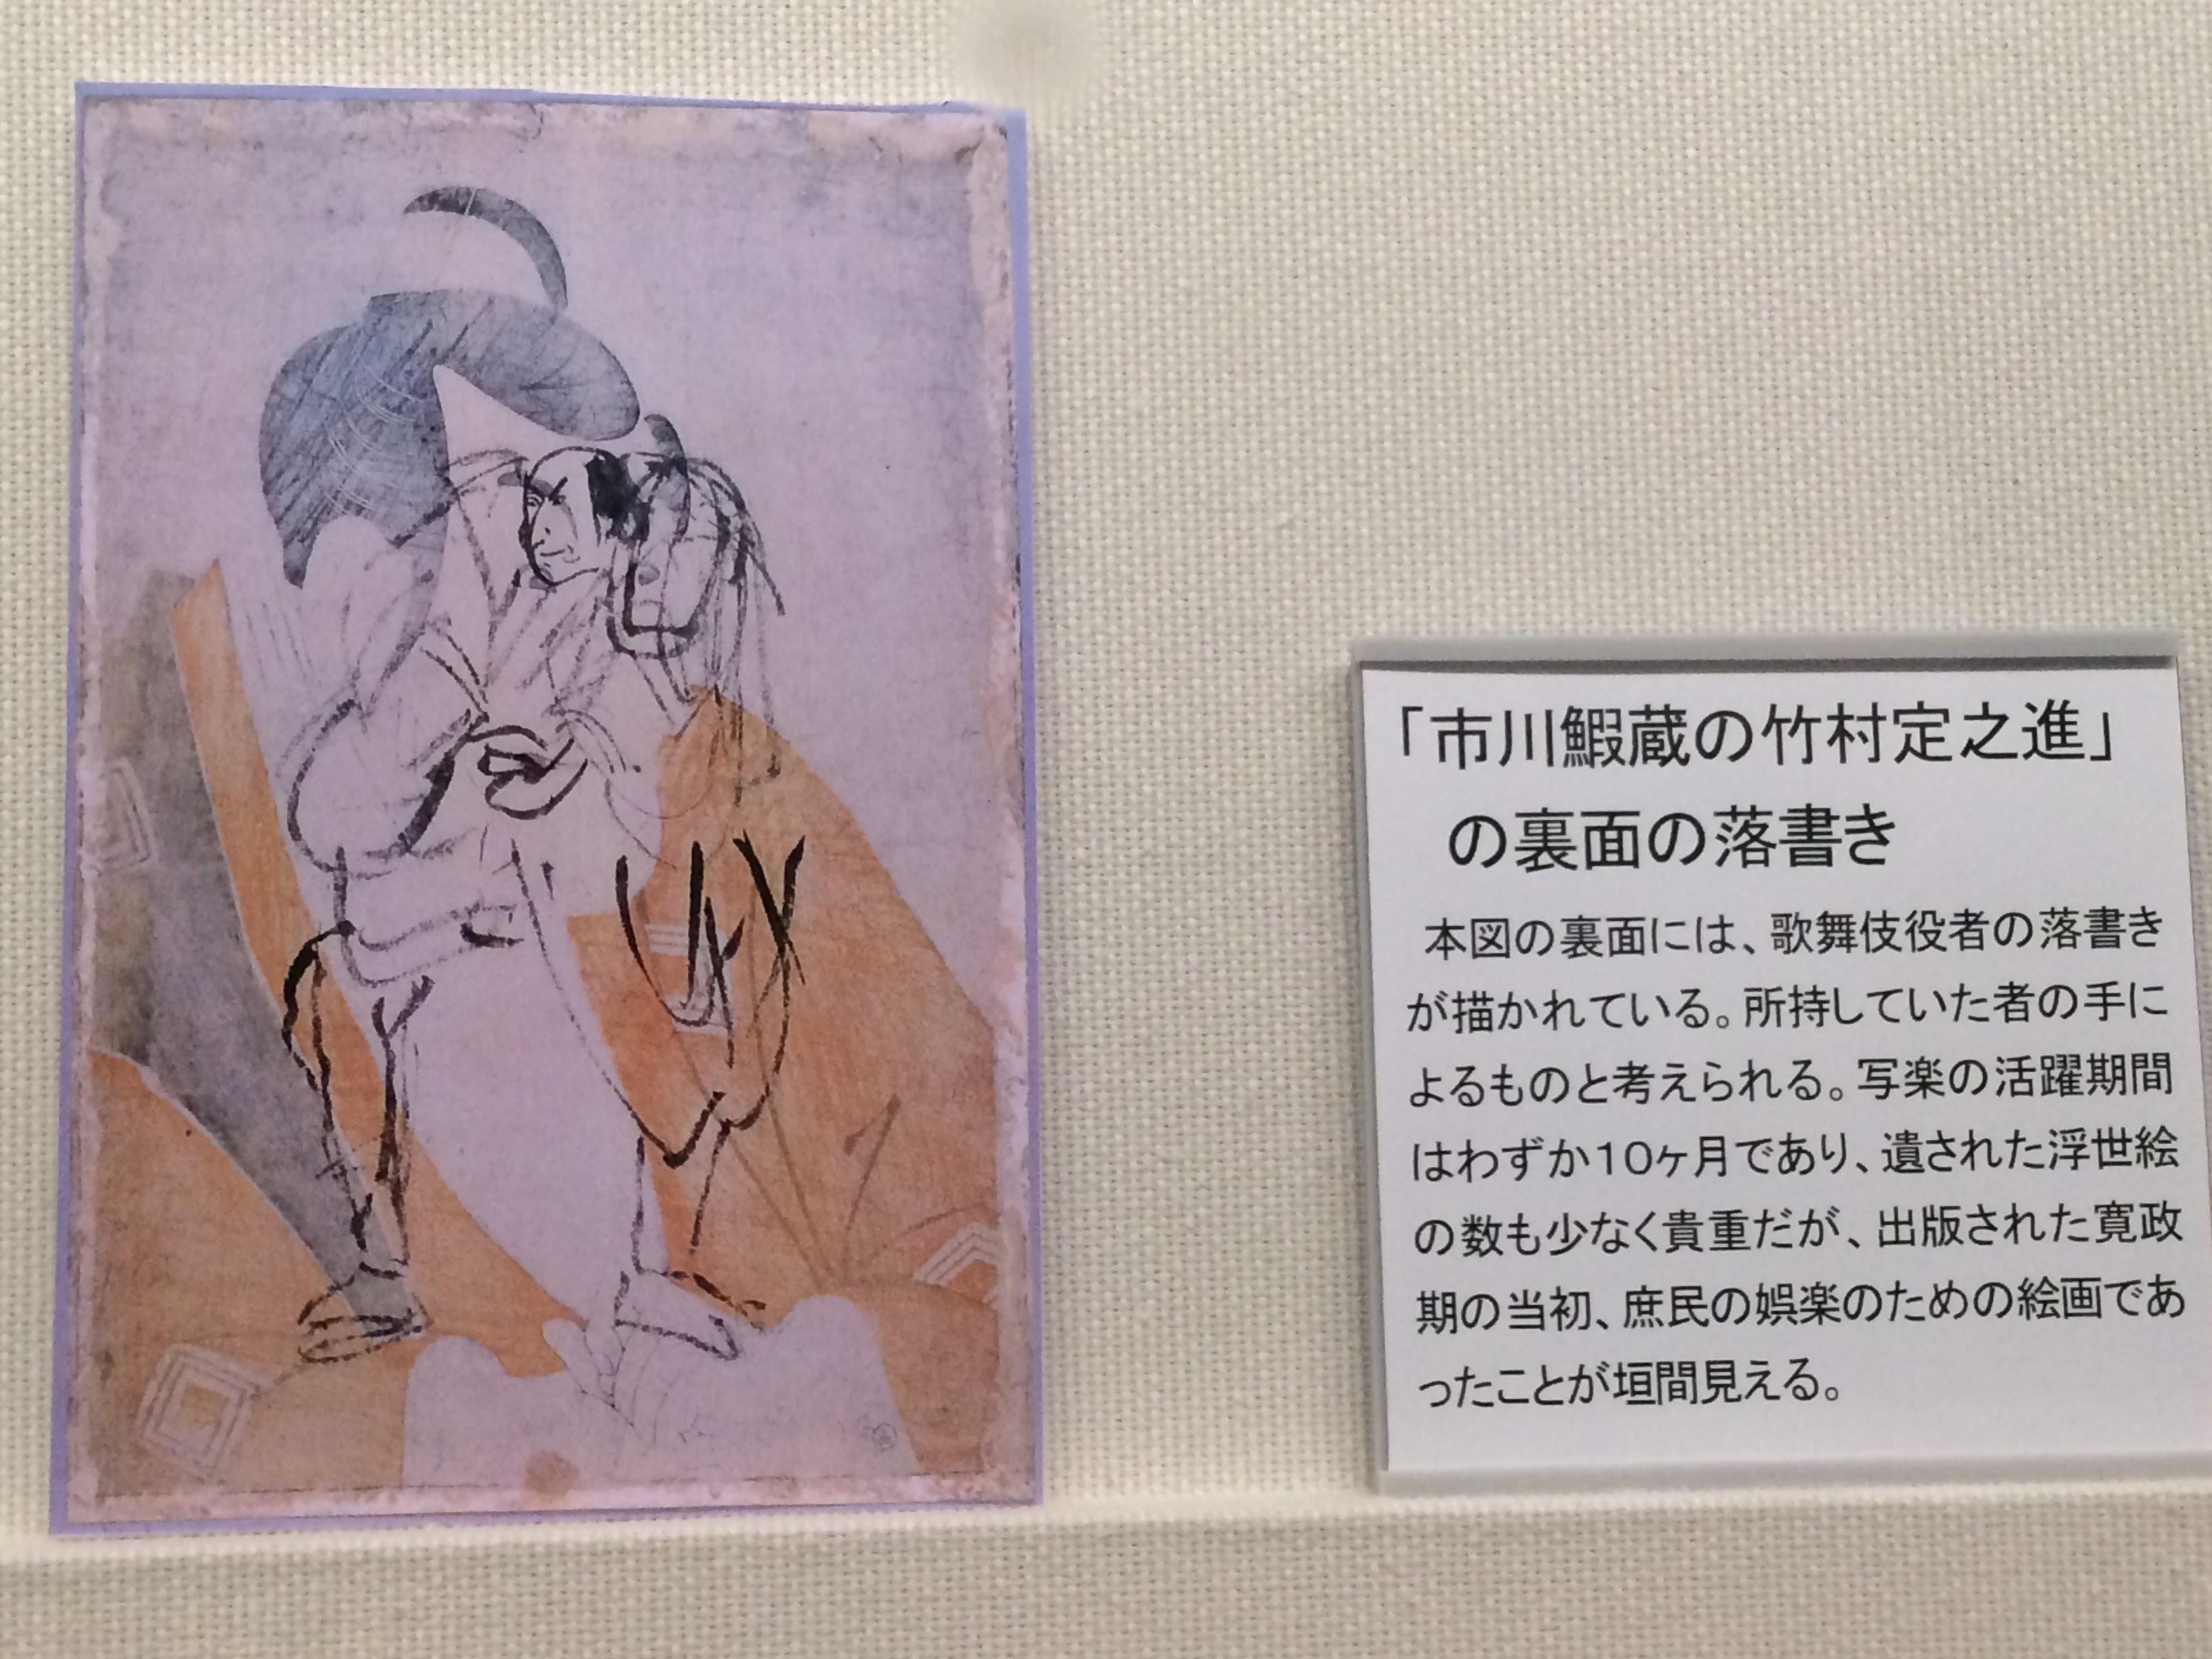 裏の落書きから、浮世絵がいかに庶民の暮らしになじむアートだったかがわかる